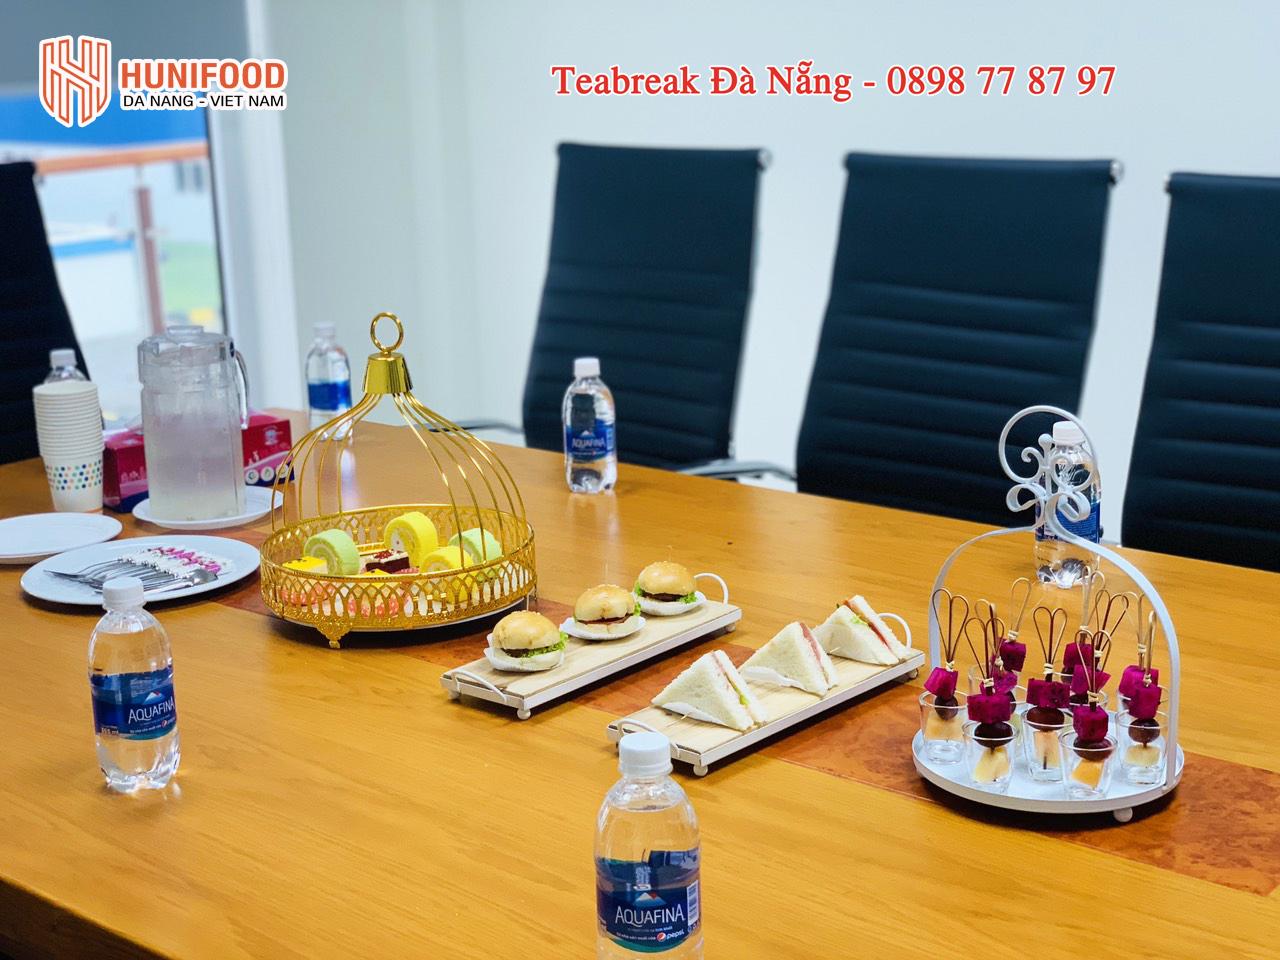 Tiệc Teabreak Đà Nẵng buổi họp Công Ty TNHH MTV SMC Đà Nẵng